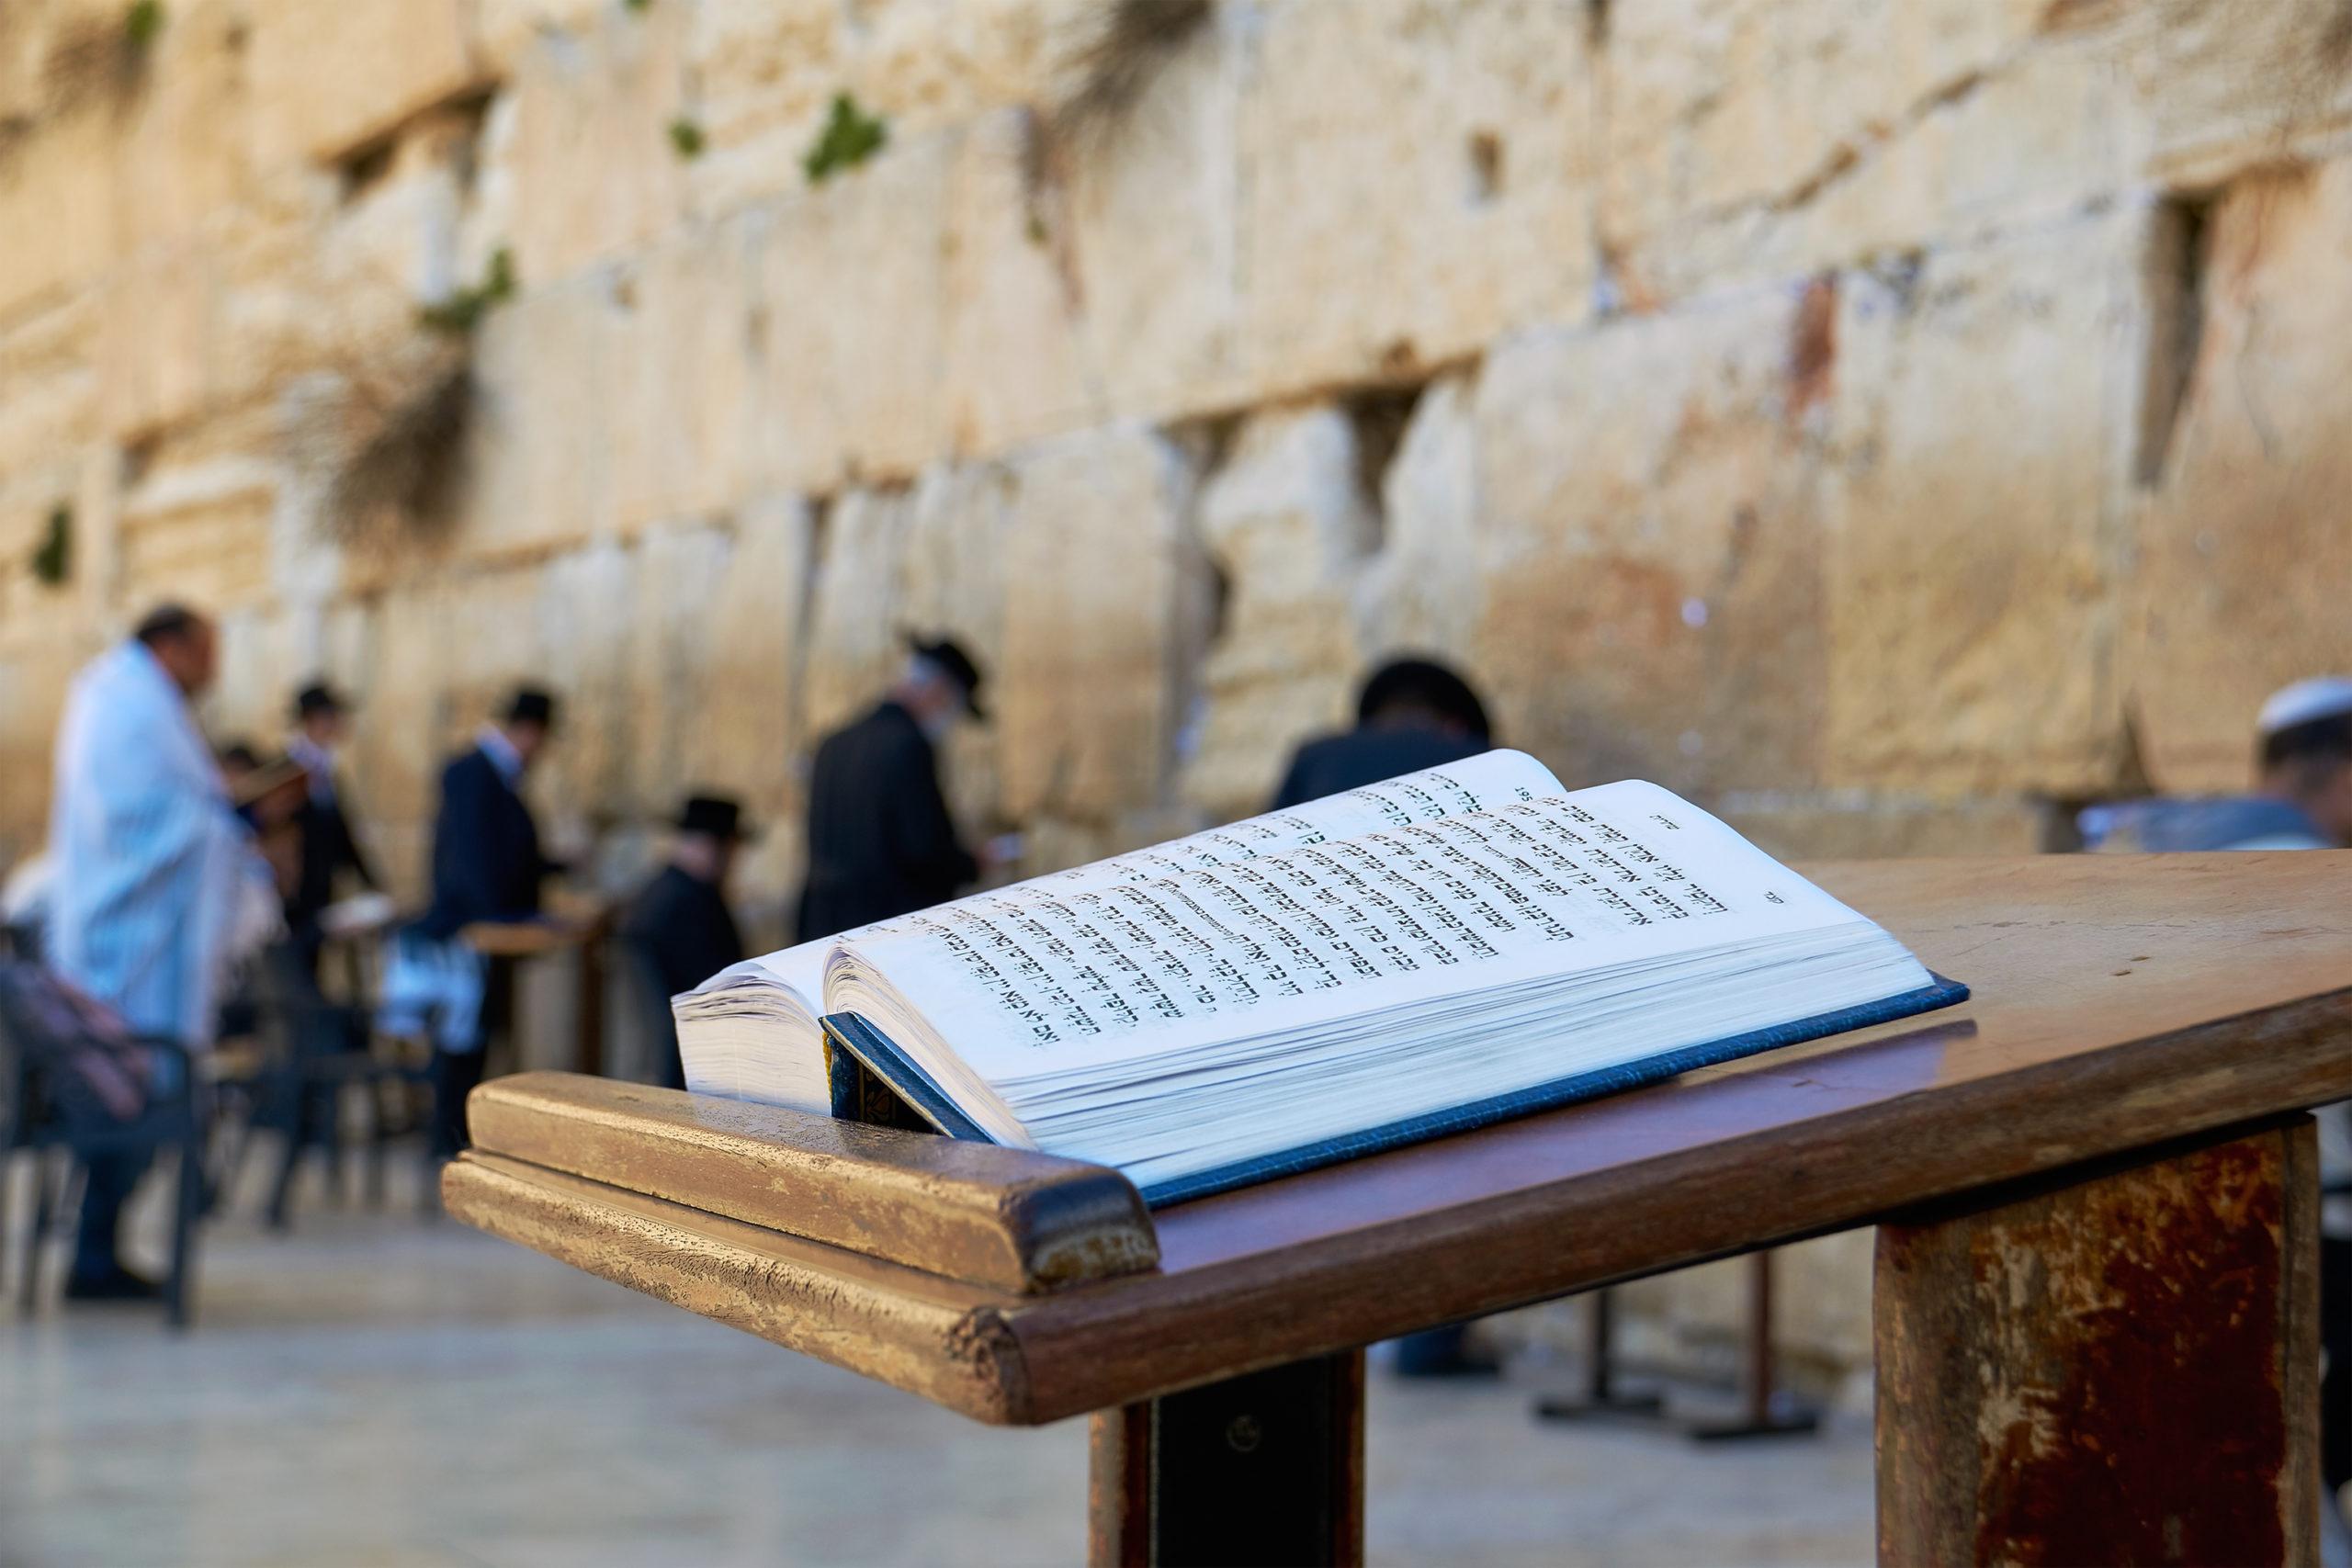 """""""Jésus leur répondit: Détruisez ce temple, et en trois jours je le relèverai."""" (Jean 2:19) Crédit photo: Kyrylo Glivin/ 123Rf"""